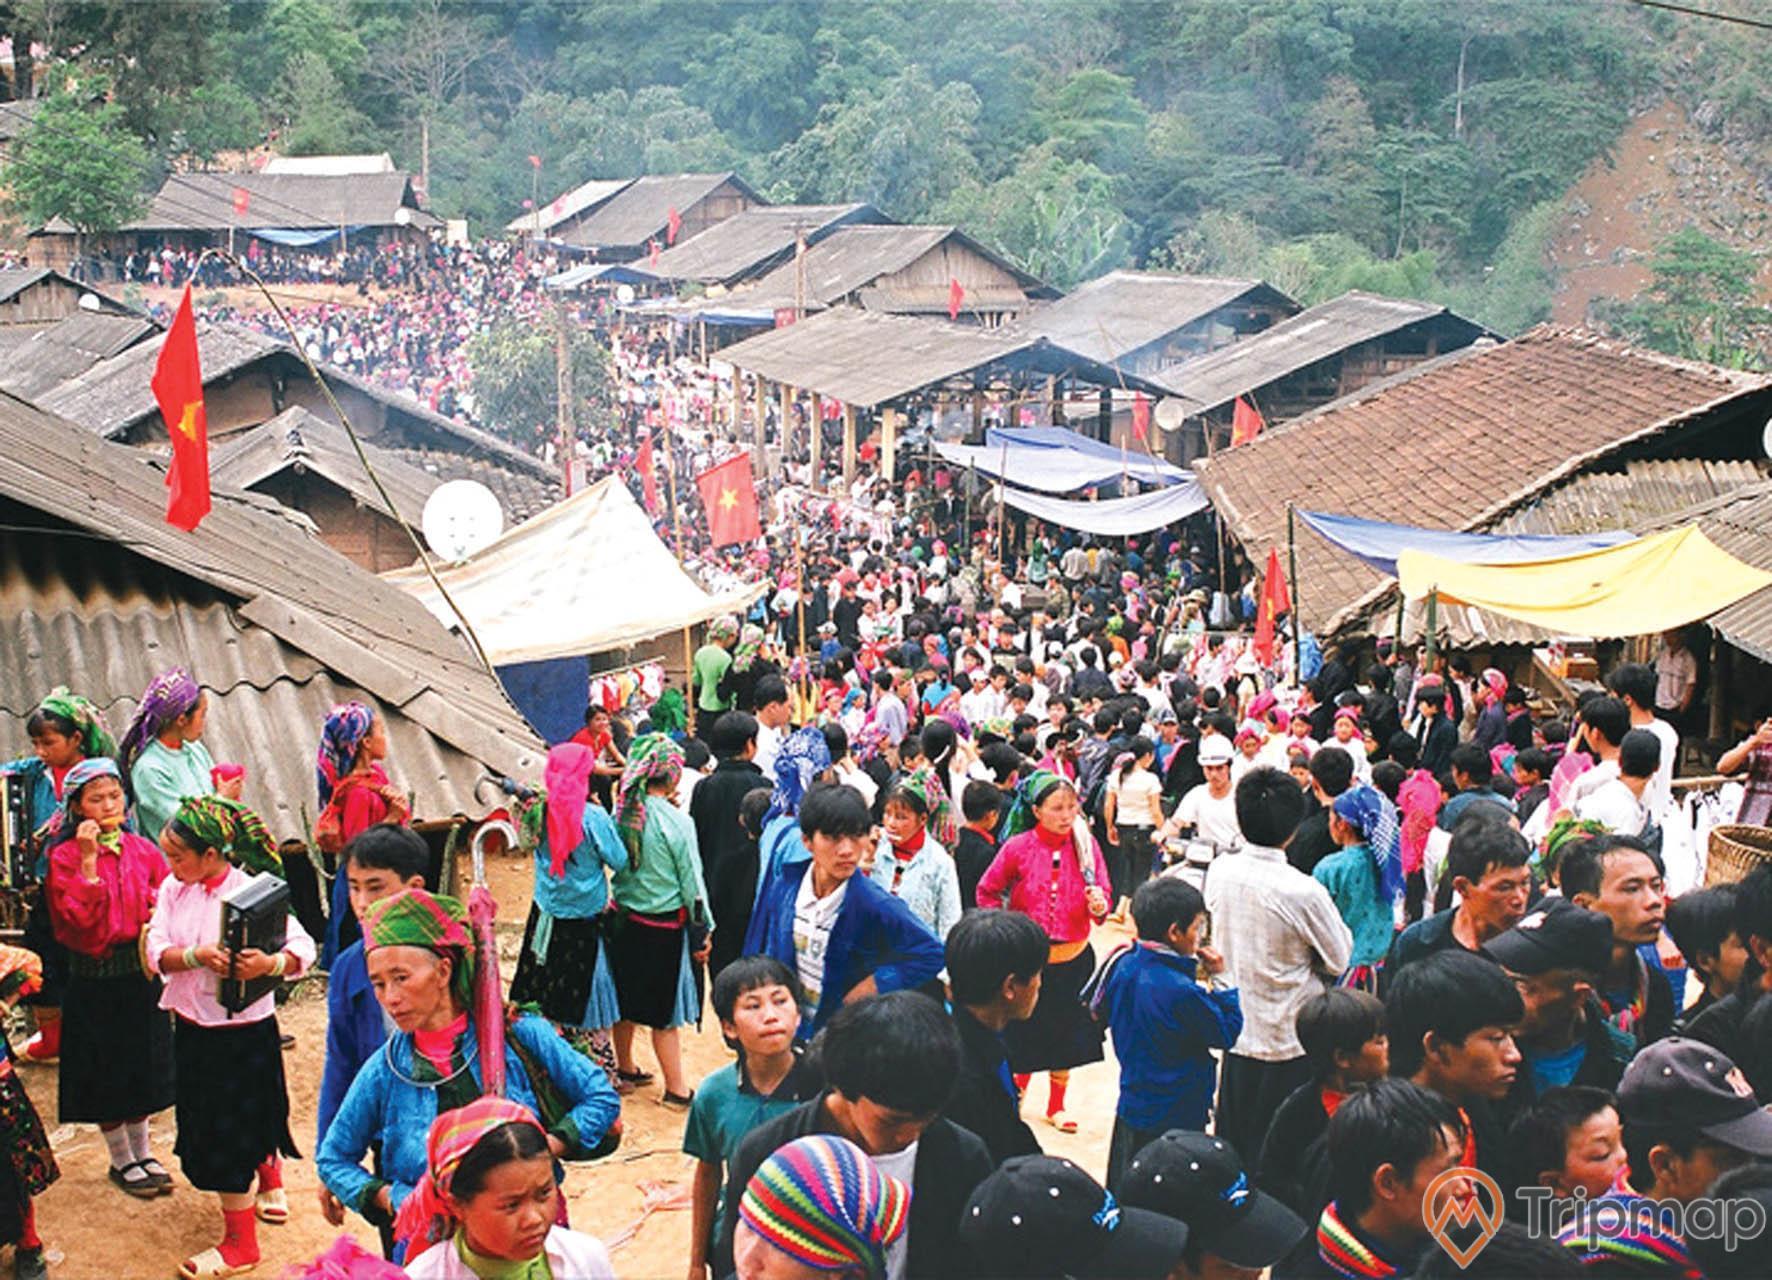 Phiên chợ đông đúc tại chợ tình khâu vai, mọi người đang đi qua lại tại chợ, ảnh chụp ngoài trời